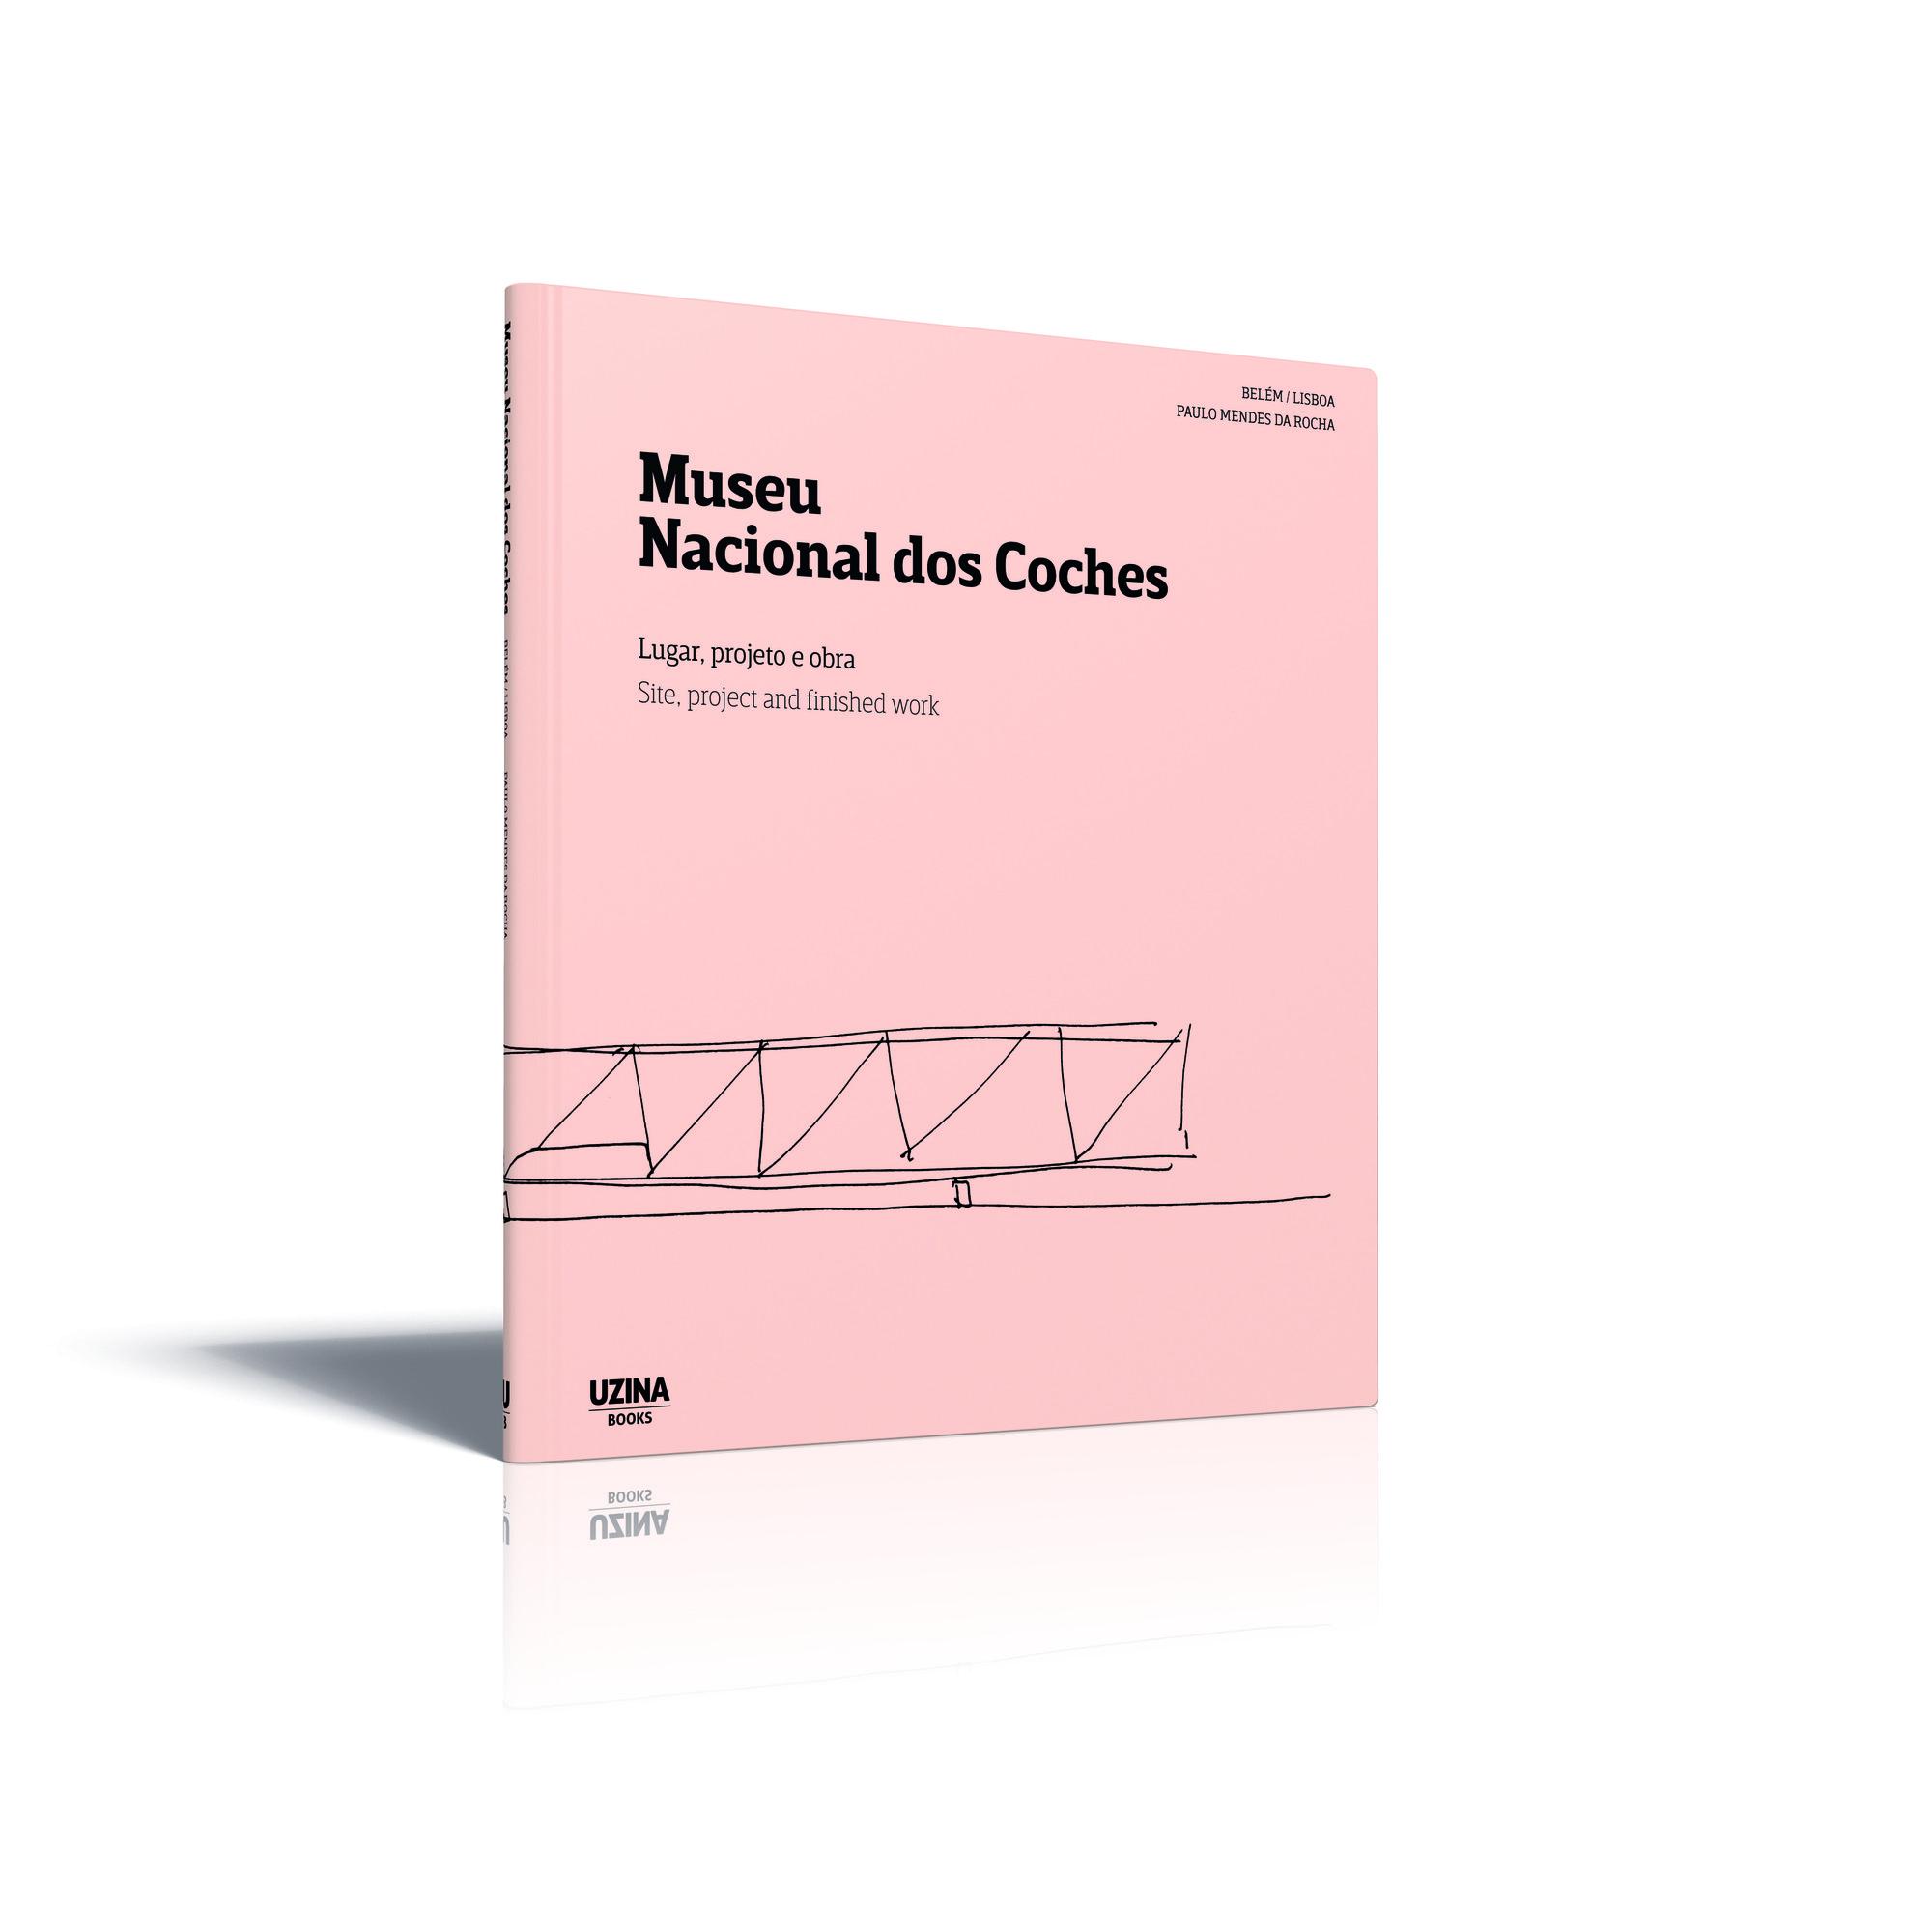 Museu Nacional dos Coches: Lugar, projeto e Obra, via Uzina Books